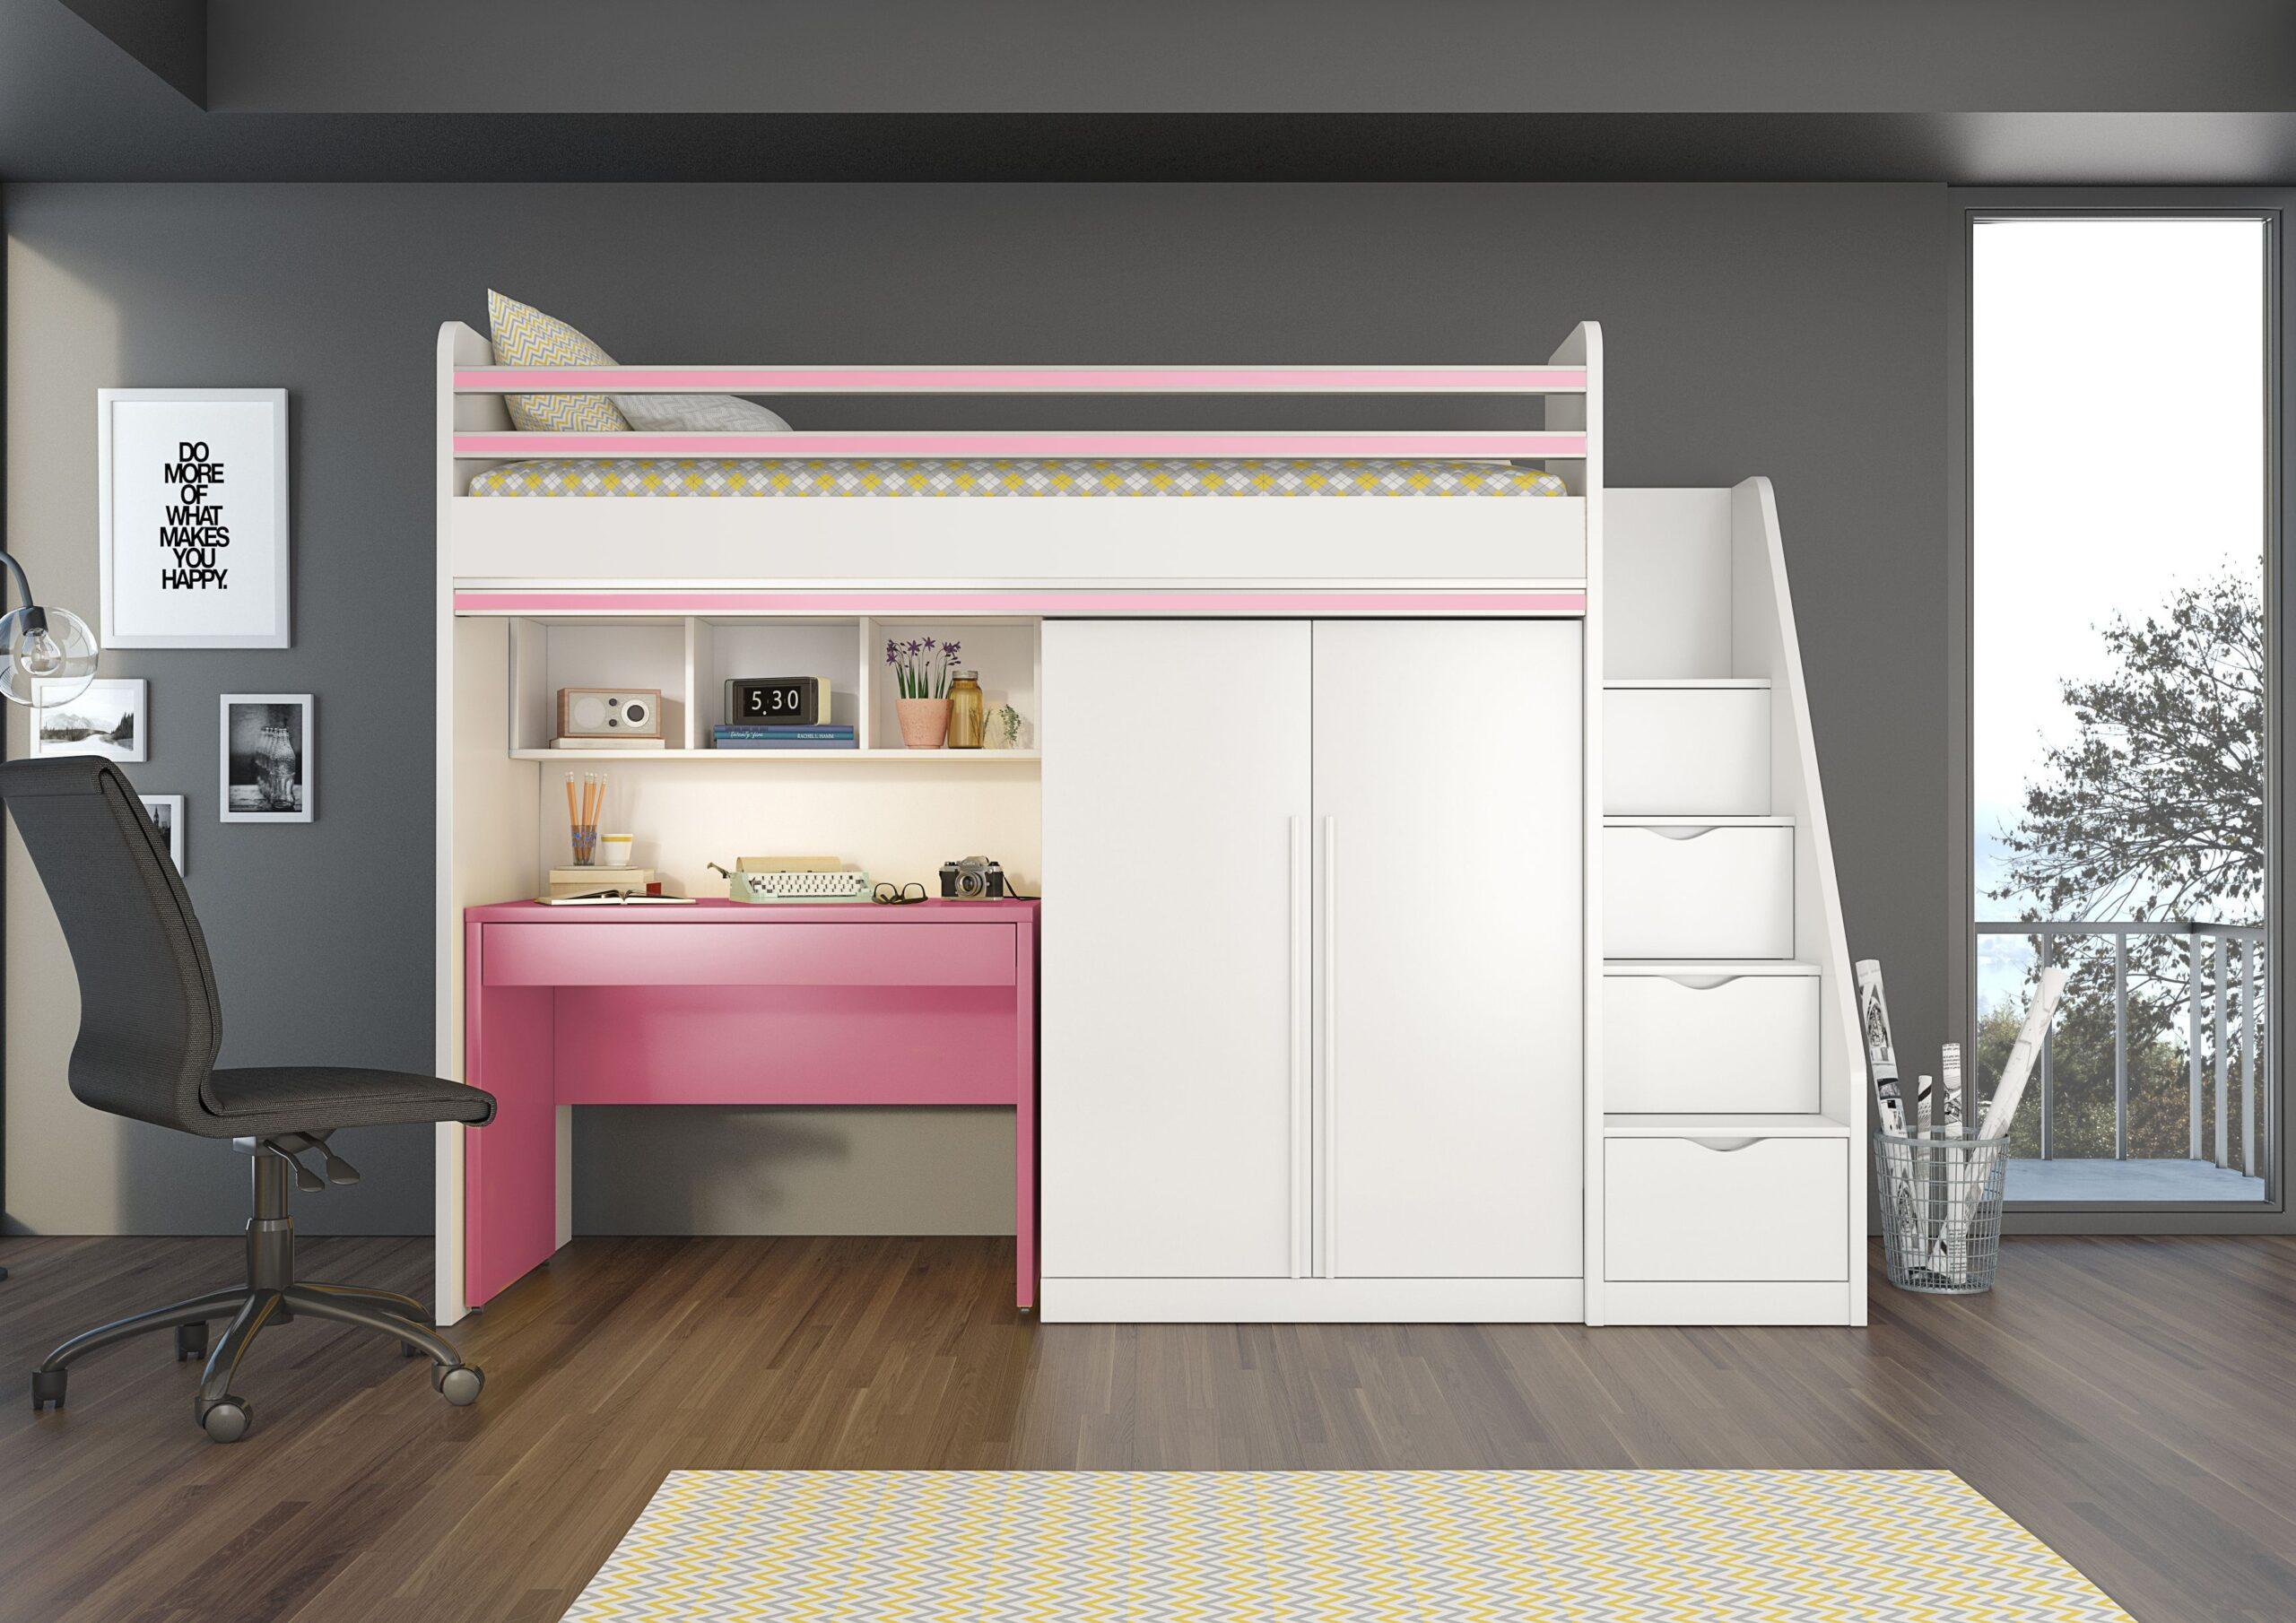 Full Size of Jugendzimmer Smart Flexi Mit Etagenbett Regale Kinderzimmer Regal Sofa Weiß Kinderzimmer Hochbett Kinderzimmer